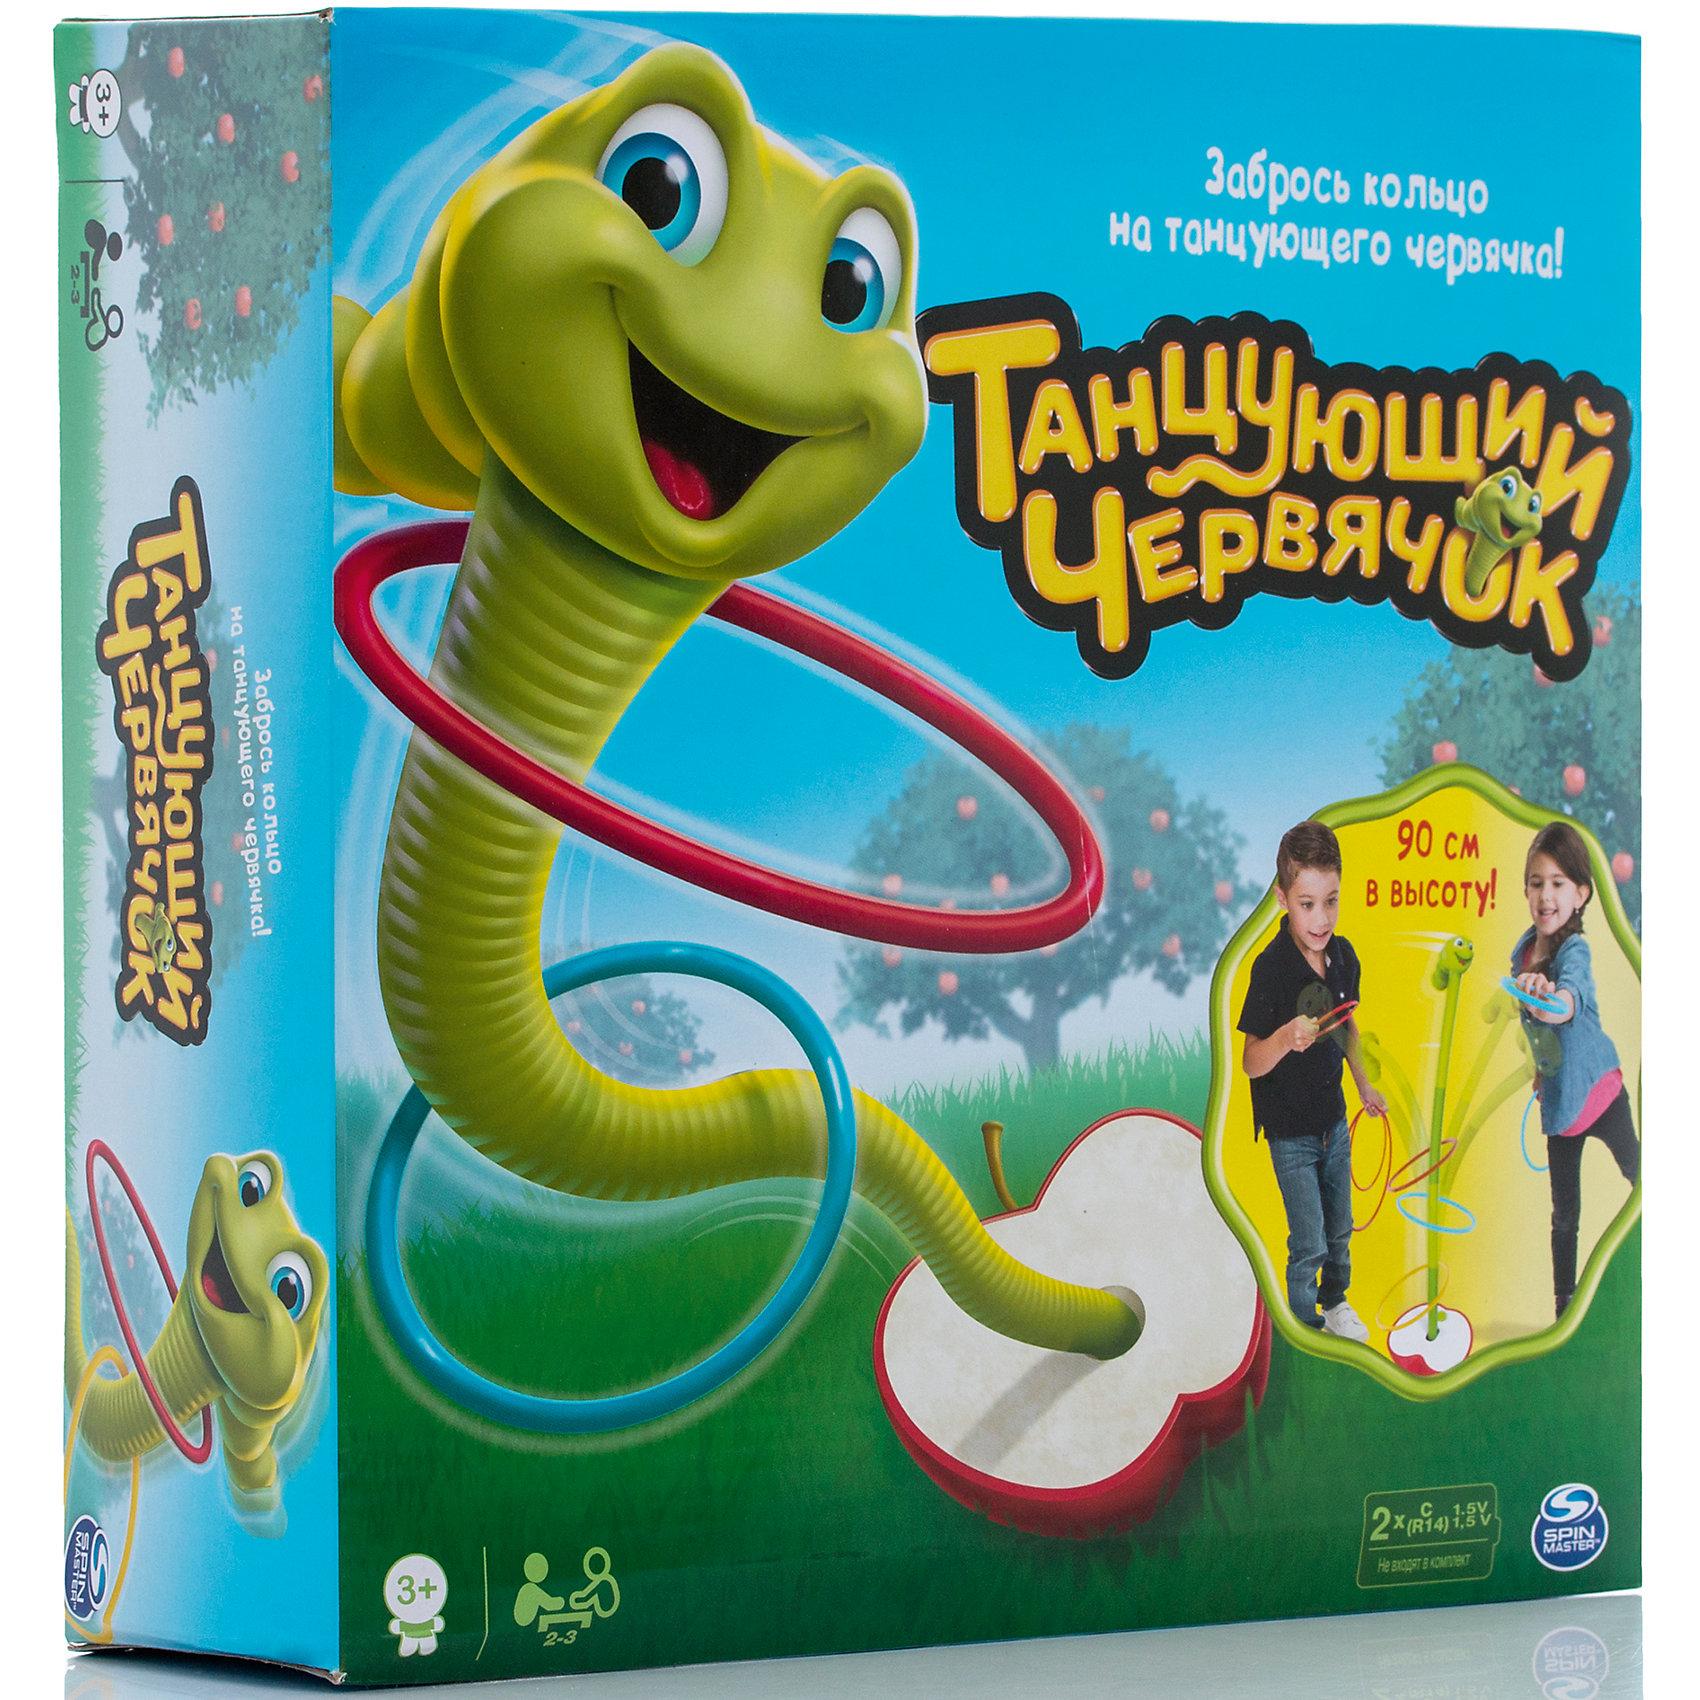 Игра Танцующий червячок Wobbly Worm, Spin MasterАктивные игры<br>Характеристики товара:<br><br>• возраст от 3 лет;<br>• материал: пластик;<br>• в комплекте: танцующий червячок, подставка, 9 колец, инструкция; <br>• количество игроков: 2-3;<br>• максимальная высота червя 90 см (регулируется);<br>• работает от 2 батареек С (в комплект не входят);<br>• размер упаковки 27х27х8 см;<br>• страна производитель: Китай.<br><br>Игра «Танцующий червячок Wobbly Worm» Spin Master позволит детям увлекательно провести время и потренироваться в ловкости и меткости. Цель игры — забросить кольца на червячка, который стоит на поставке. Игра усложняется тем, что червячок постоянно двигается, а кольца разного диаметра. Высота червячка регулируется. Играть можно как дома, так и взять игру с собой на прогулку или в парк. Игра тренирует координацию движений, ловкость, меткость.<br><br>Игру «Танцующий червячок Wobbly Worm» Spin Master можно приобрести в нашем интернет-магазине.<br><br>Ширина мм: 270<br>Глубина мм: 80<br>Высота мм: 270<br>Вес г: 947<br>Возраст от месяцев: 36<br>Возраст до месяцев: 2147483647<br>Пол: Унисекс<br>Возраст: Детский<br>SKU: 6727161